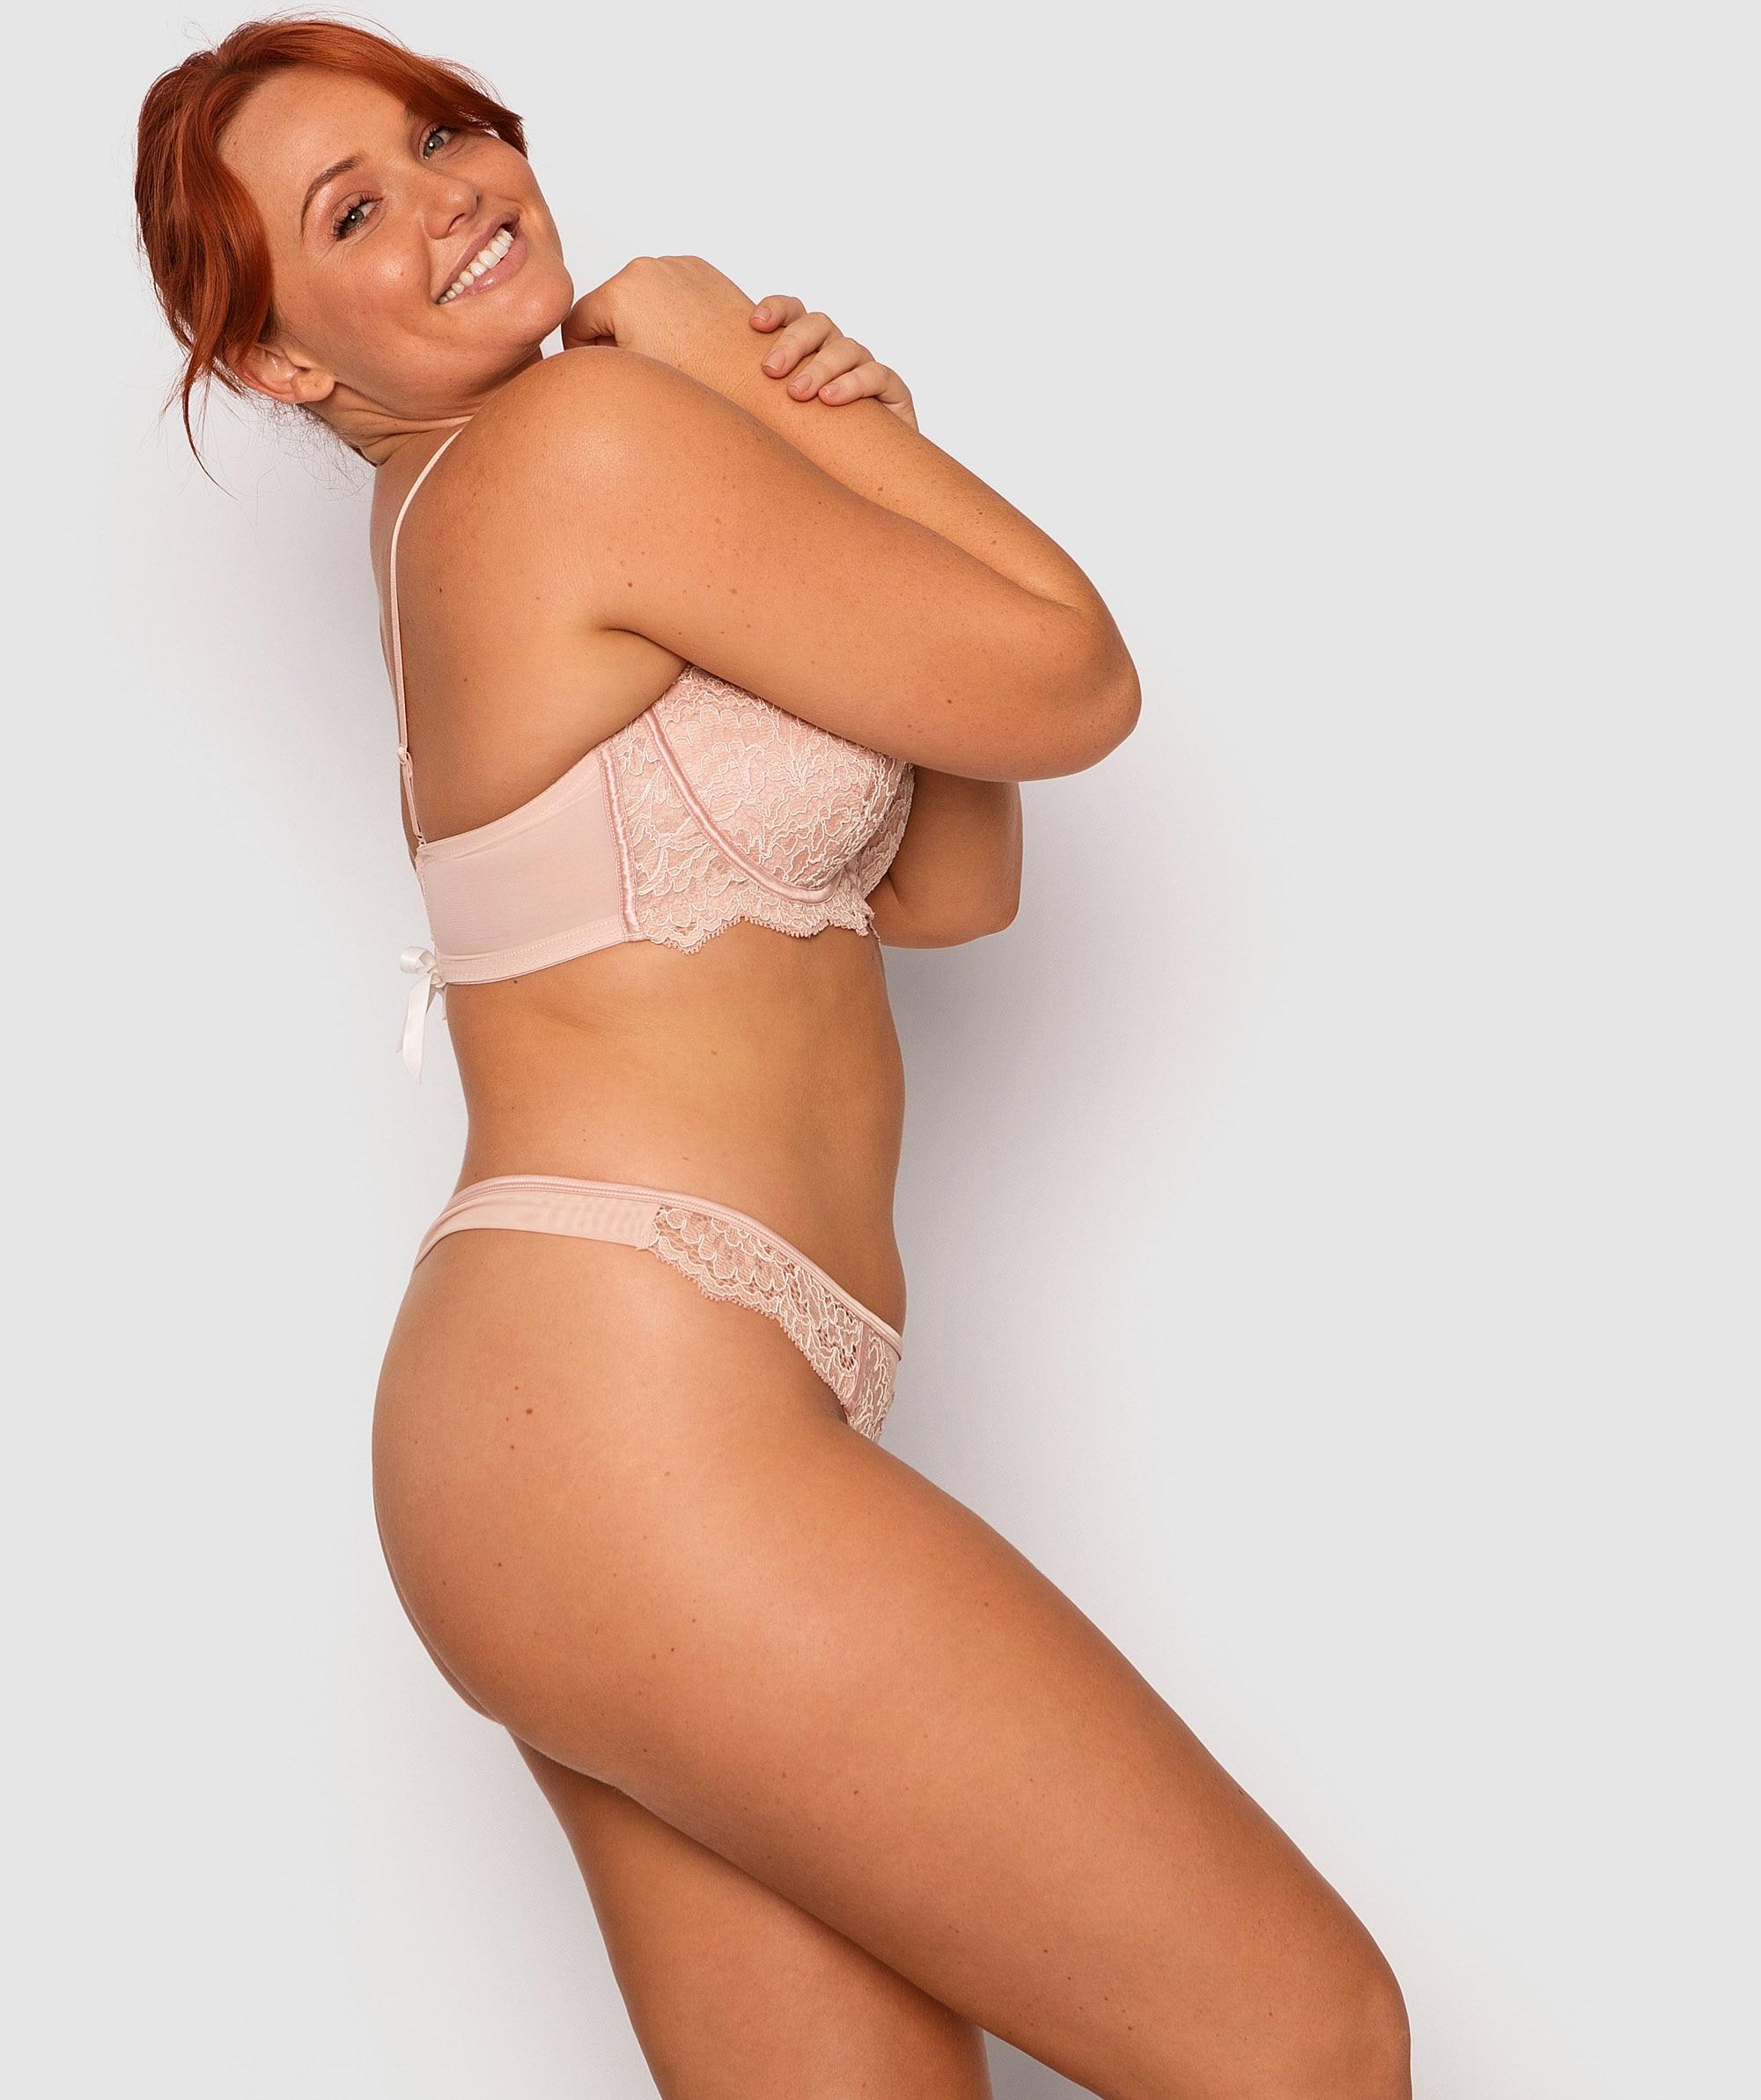 Roxanne V String Knicker - Light Pink/White